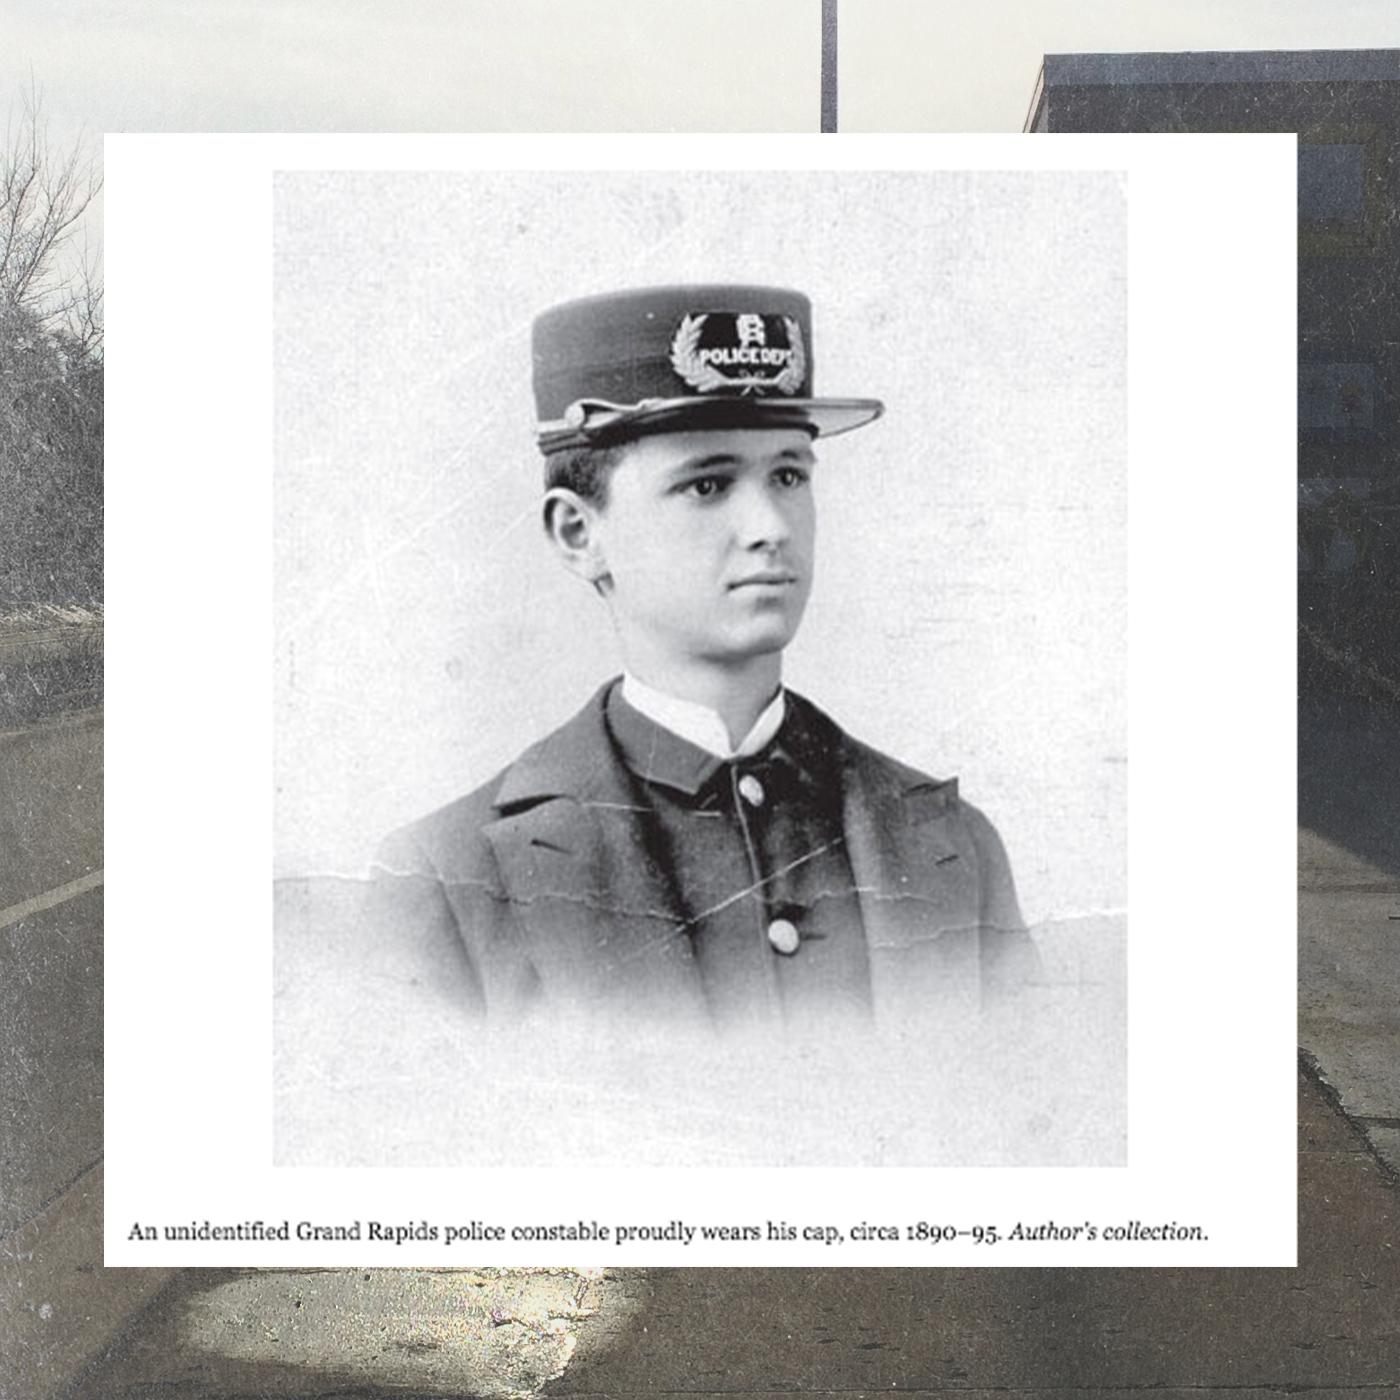 Grand Rapids patrolman from 'Murder & Mayhem in Grand Rapids' by Tobin T. Buhk